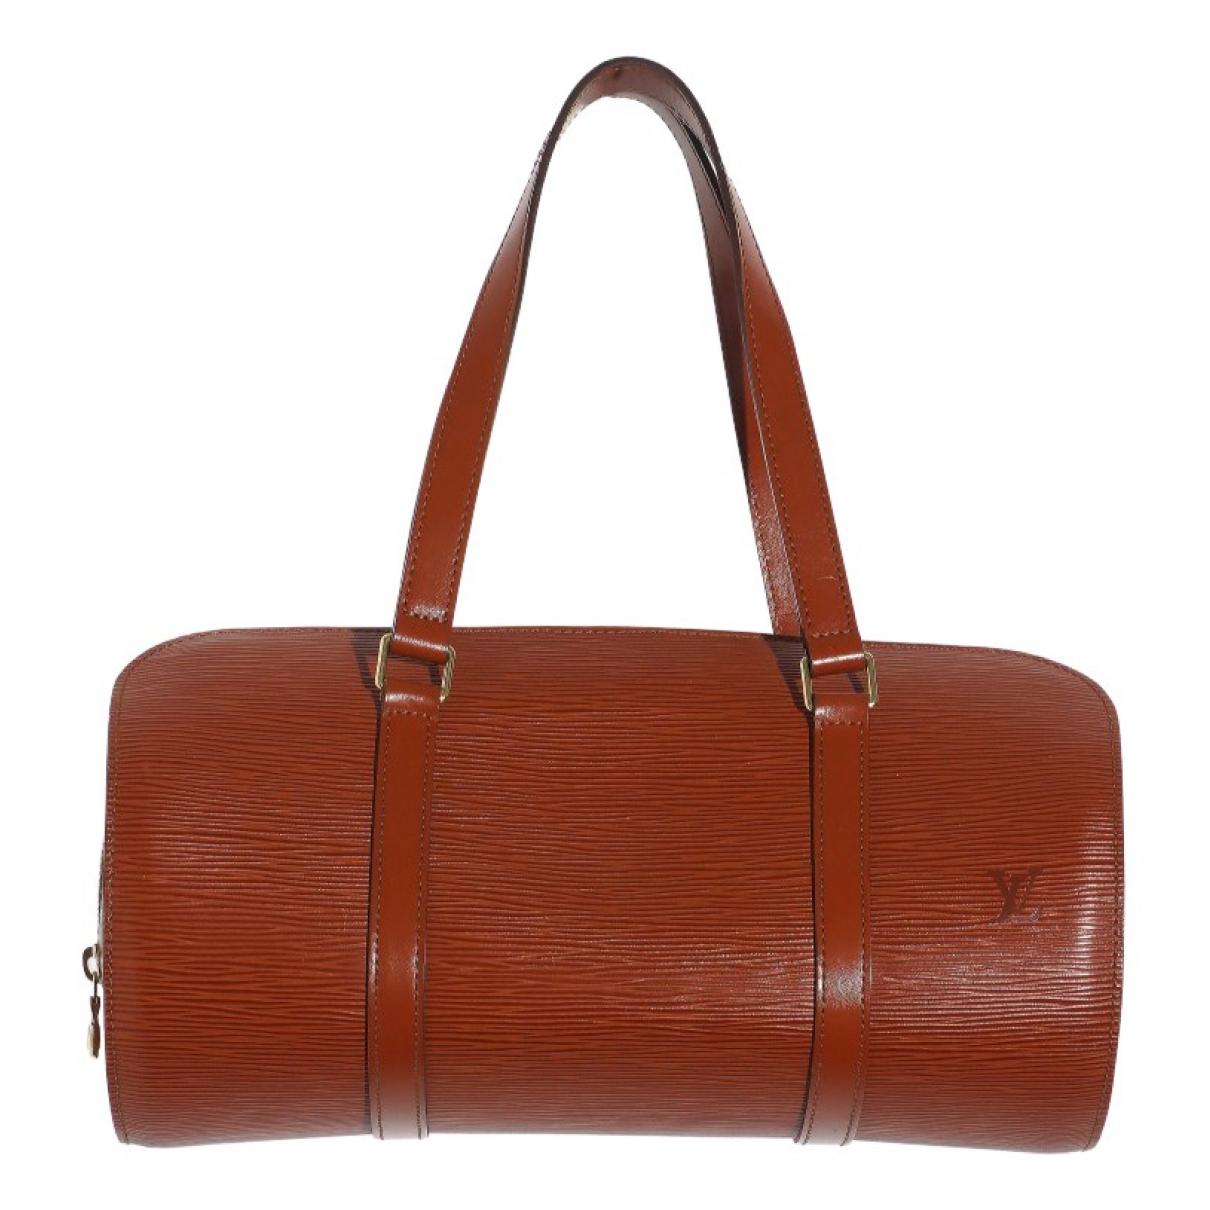 Louis Vuitton - Sac a main Soufflot pour femme en cuir - marron